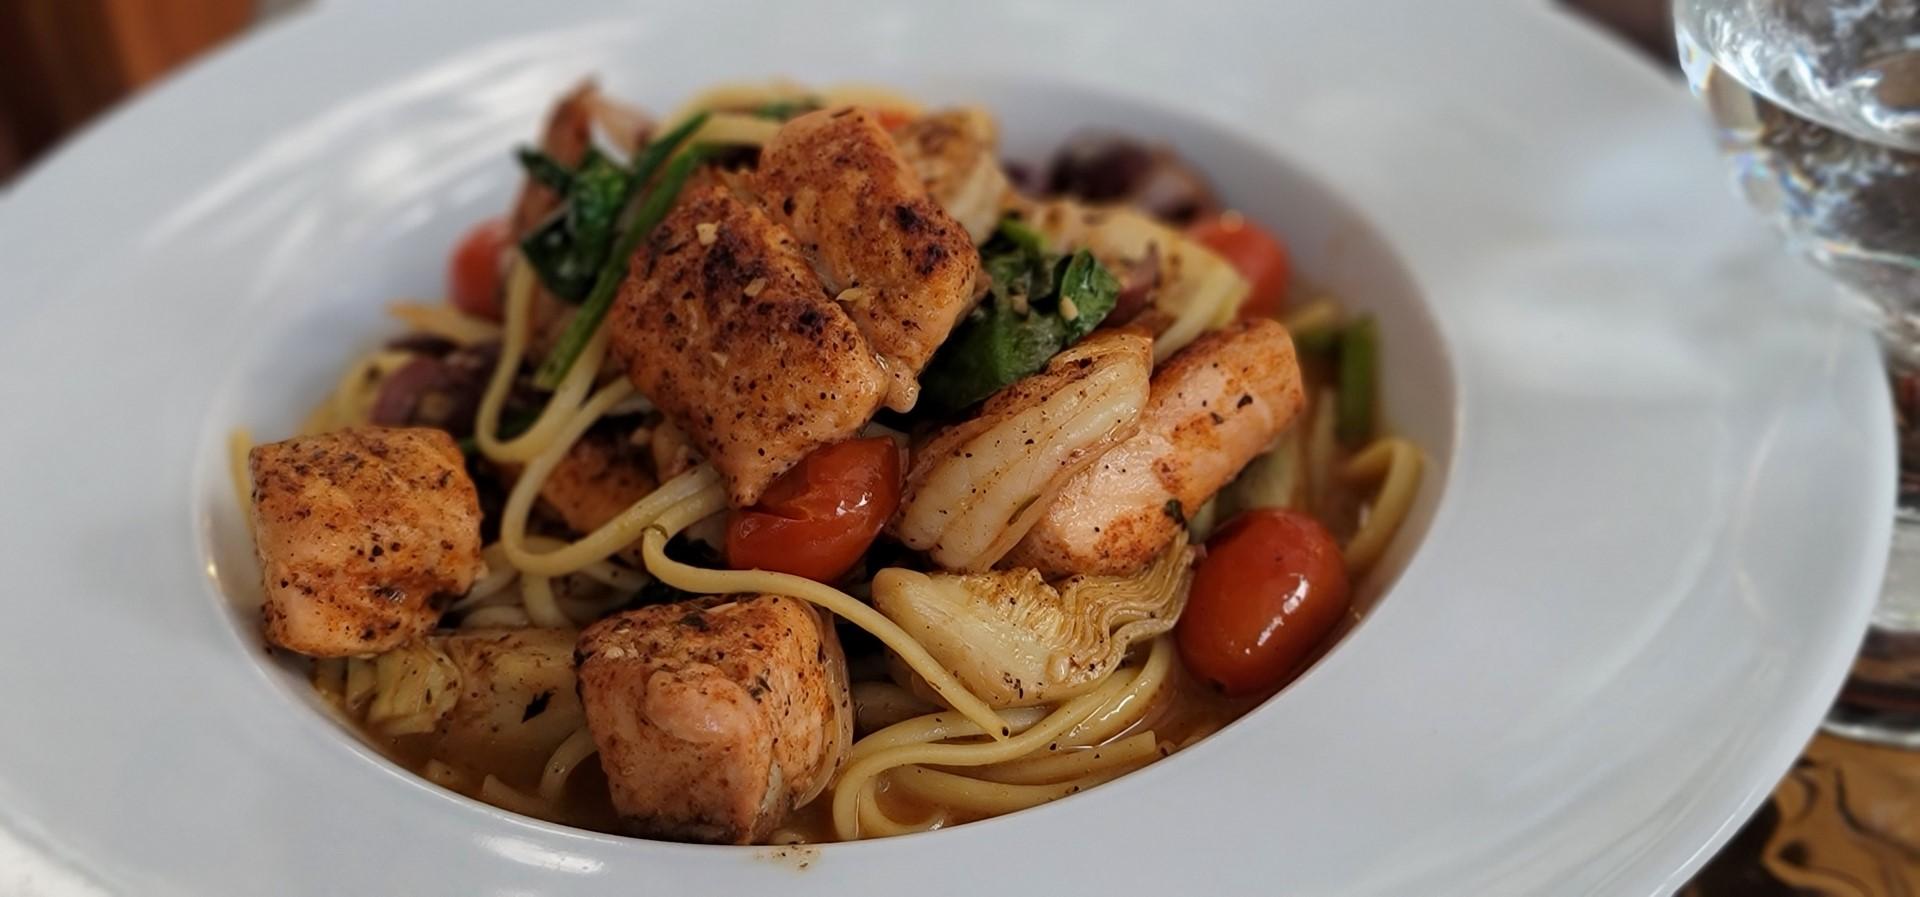 seafood pasta on white bowl